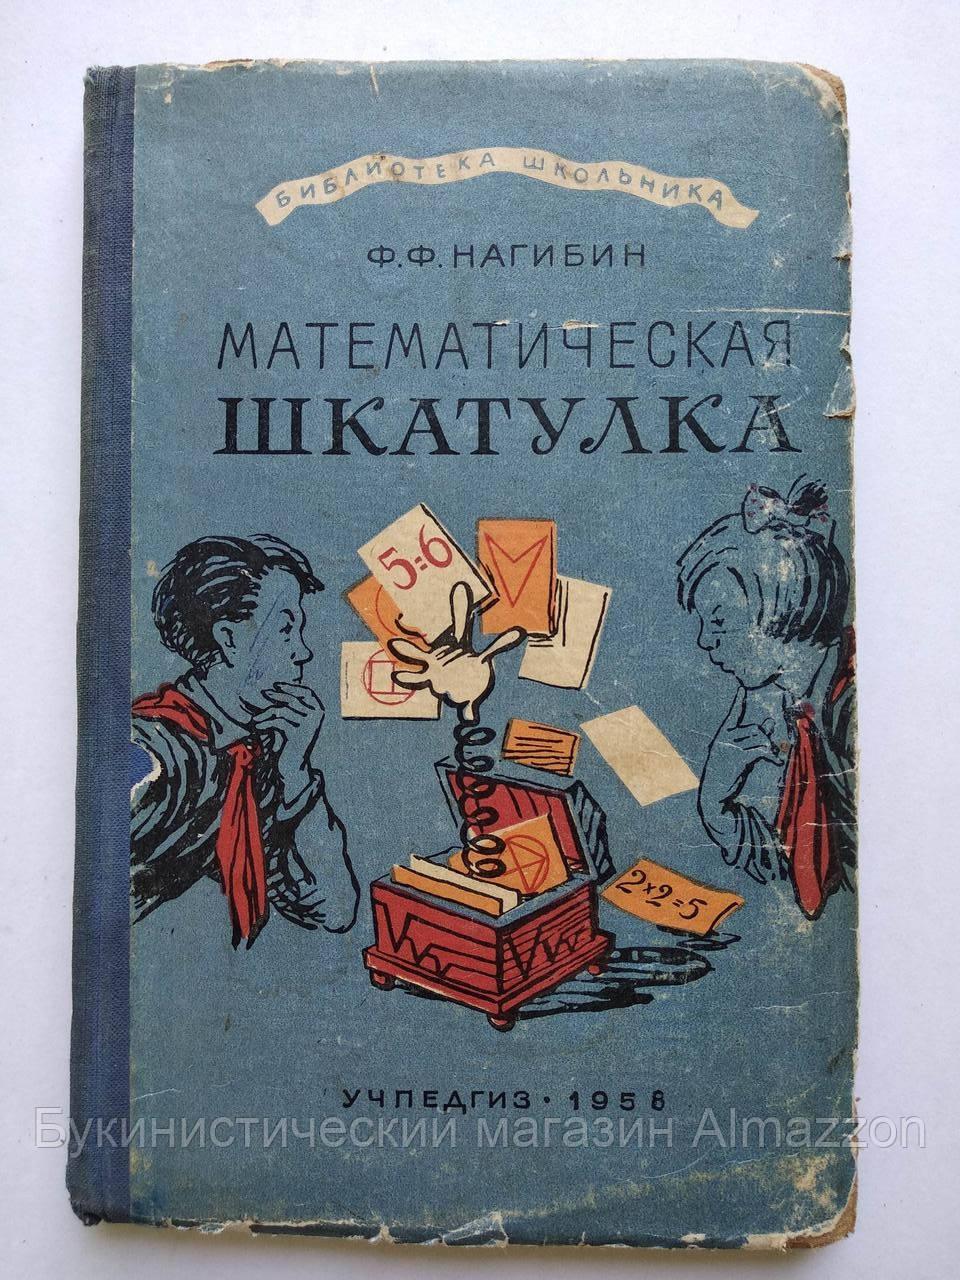 Ф.Нагибин Математическая шкатулка. 1958 год. Учпедгиз